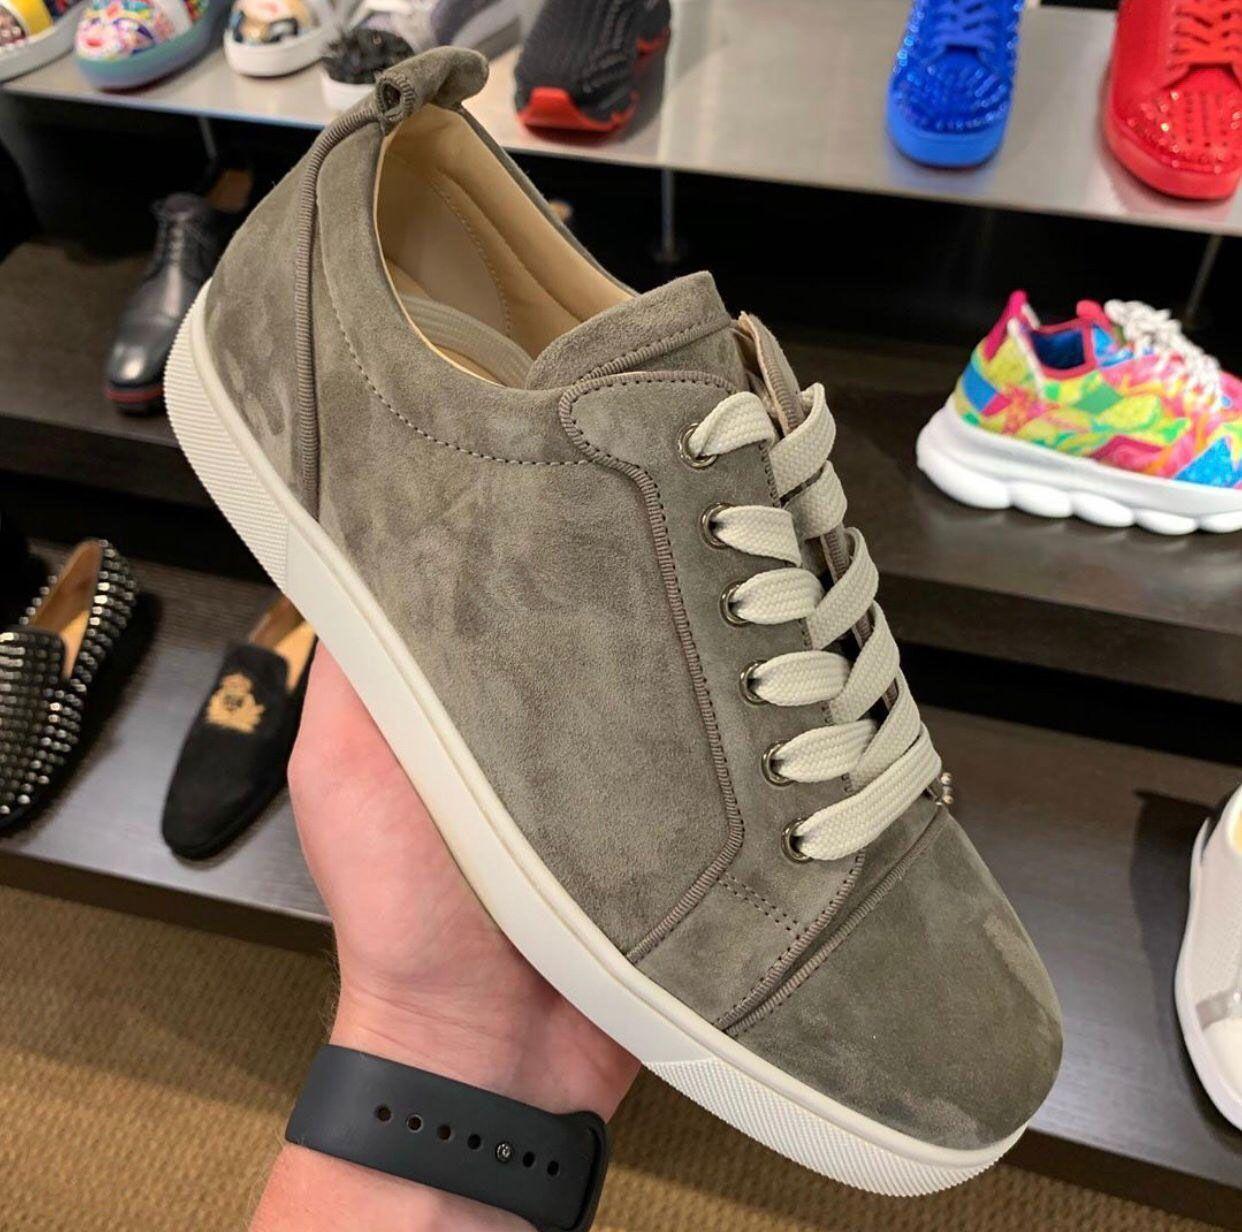 Top Suede sport en cuir pour homme Chaussures de Chaussures basses plates Coupe sans Spikes Rouge Chaussures Homme Bas de deux taille limitée Nom Brand Design